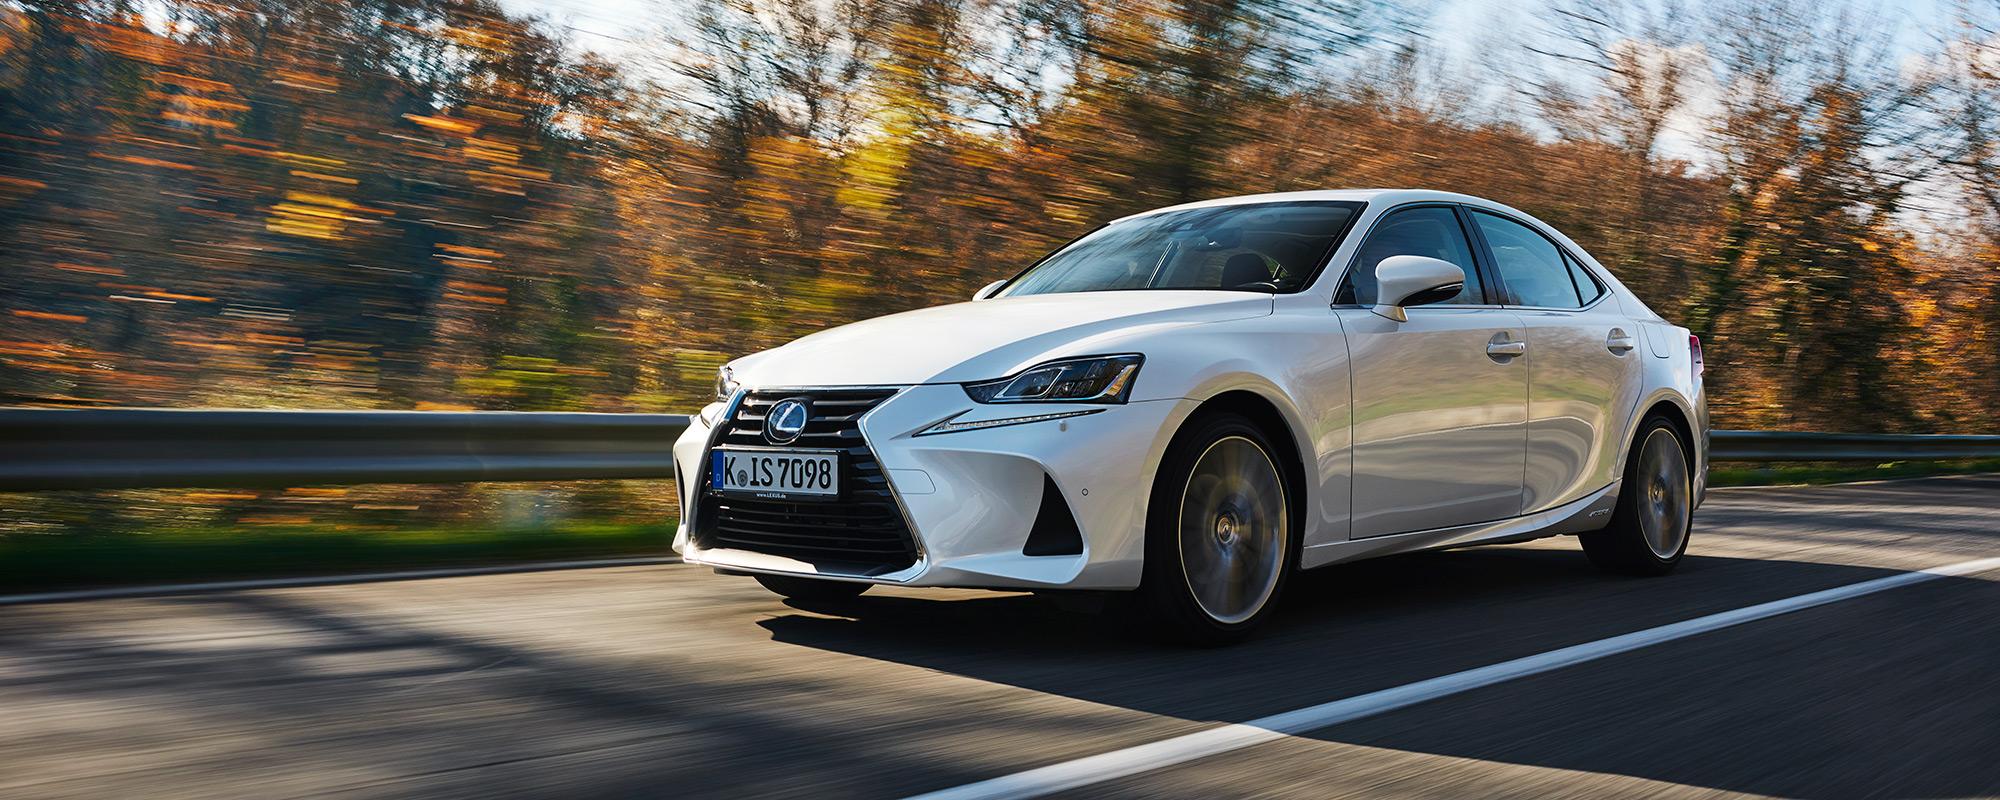 Nieuwe Lexus IS 300[h]: ultieme rijbeleving